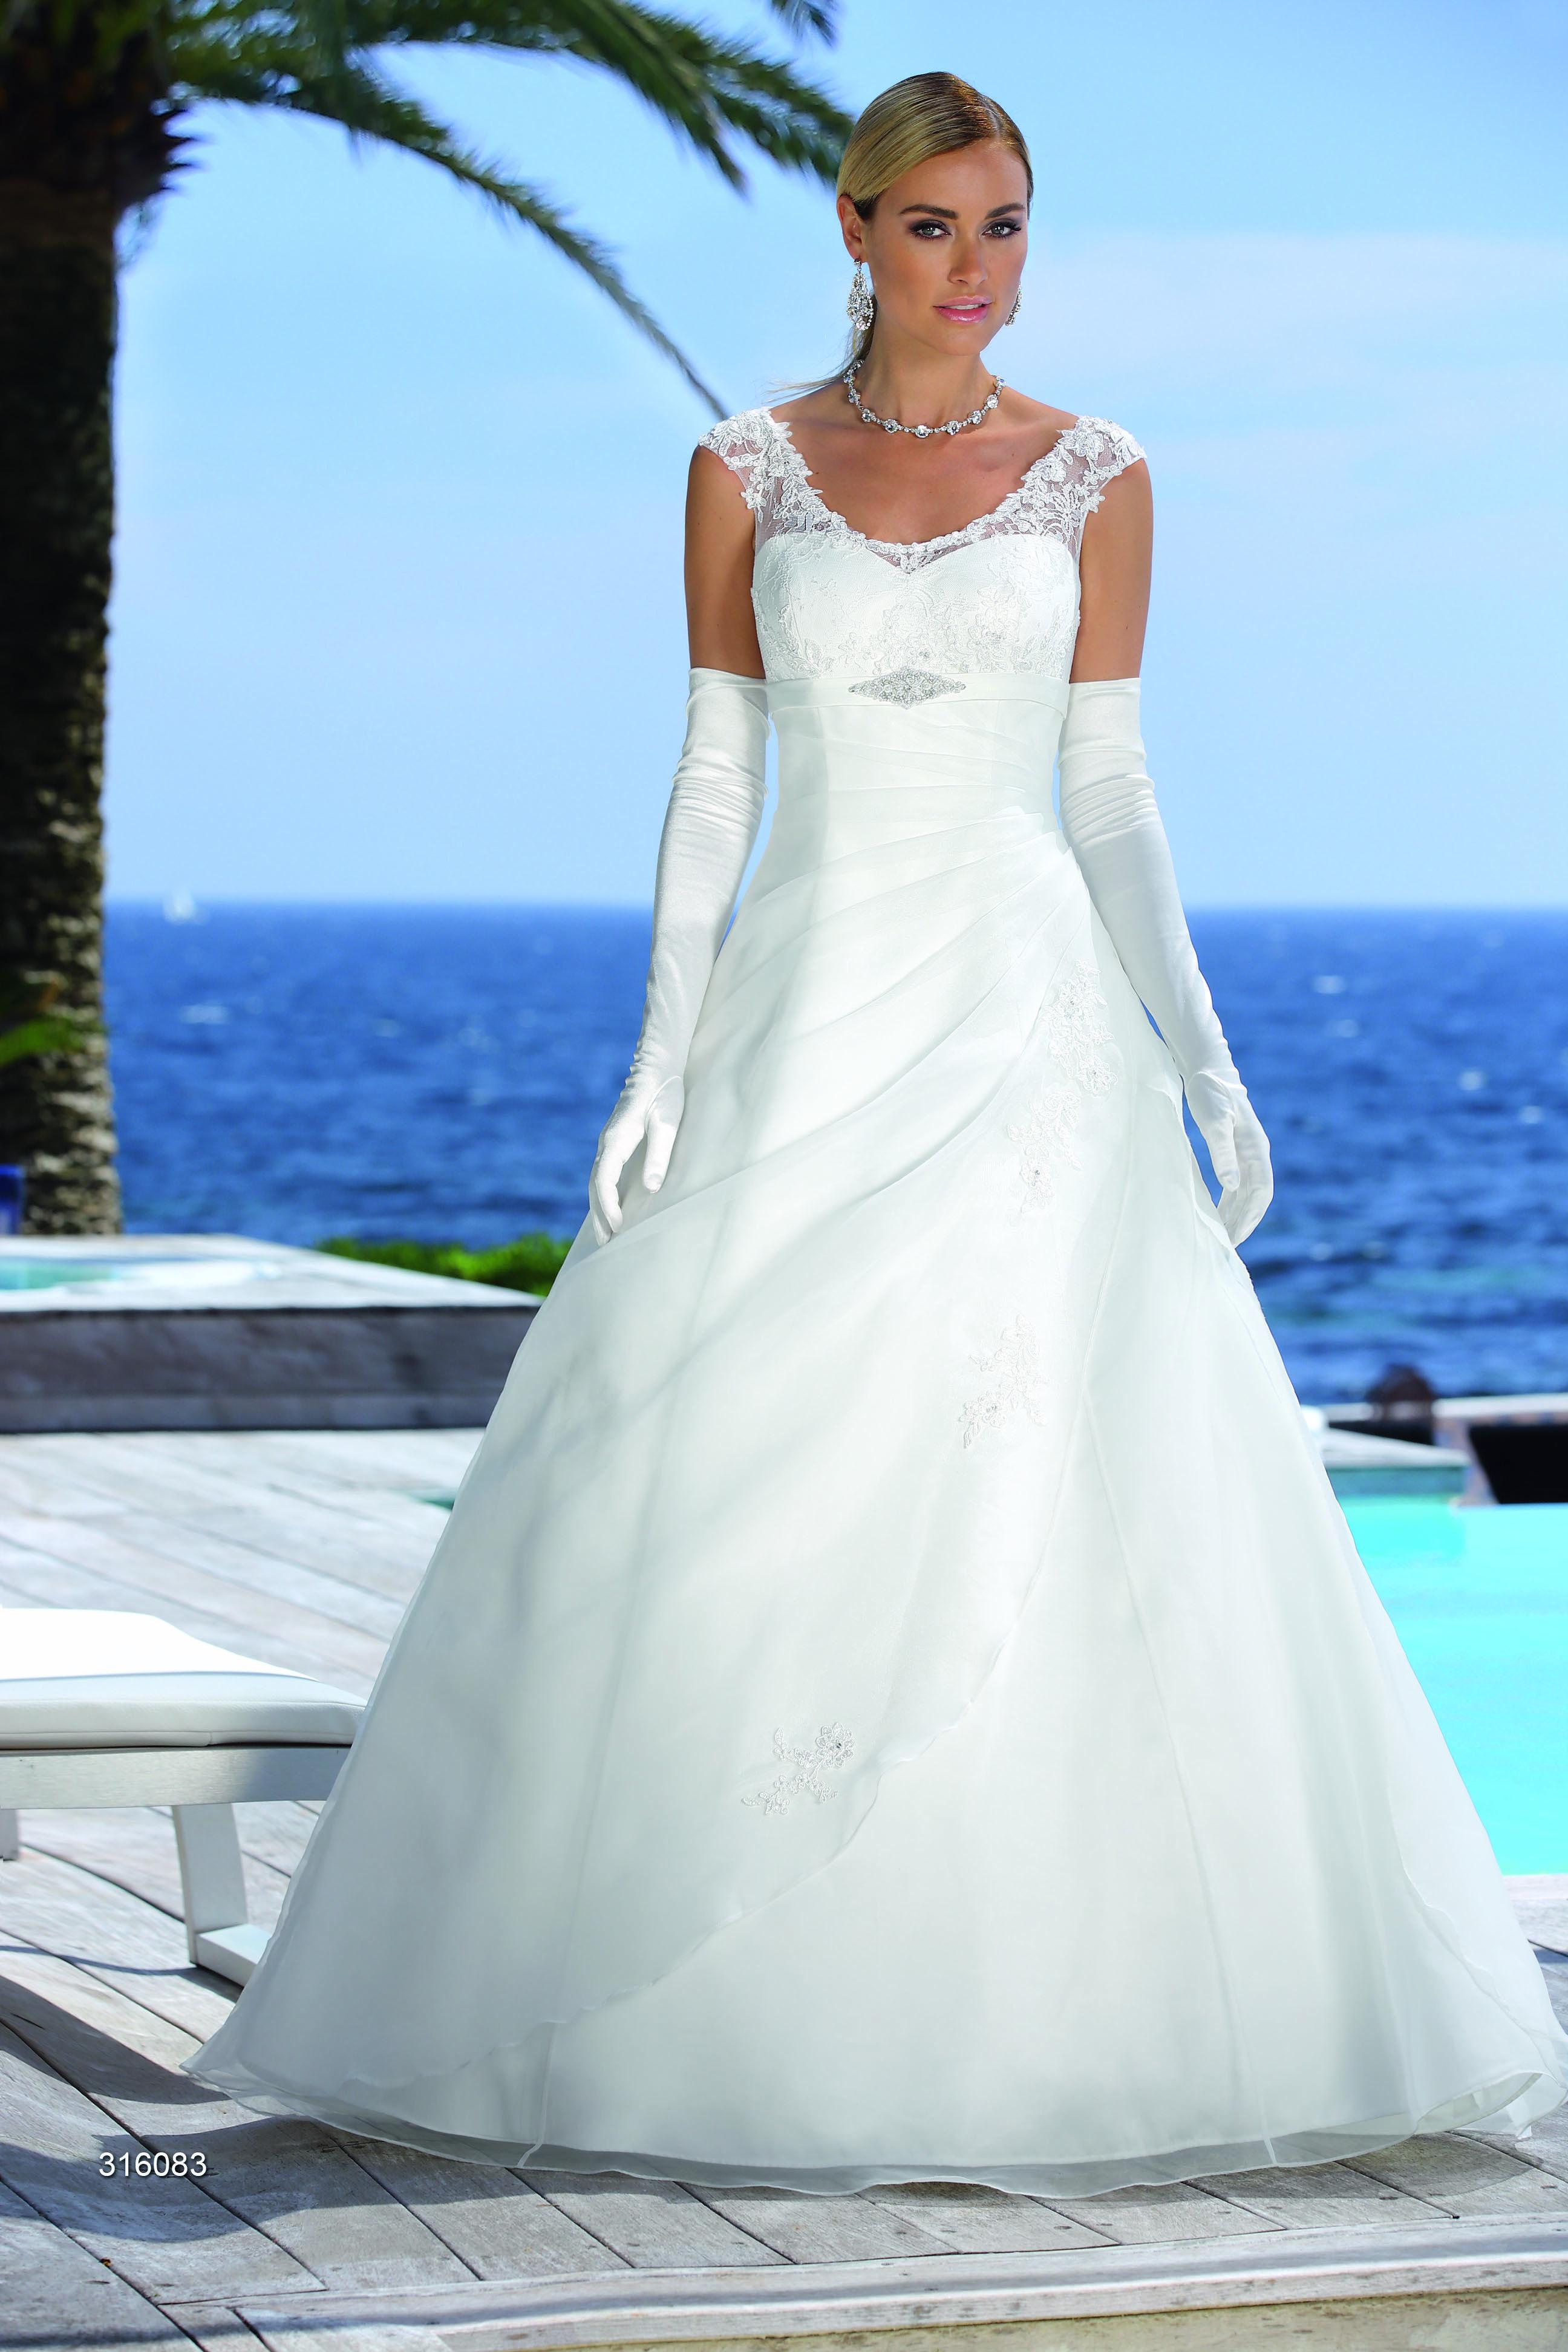 Ladybird Brautkleider 2016 - bei uns erhältlich   Brautkleider ...